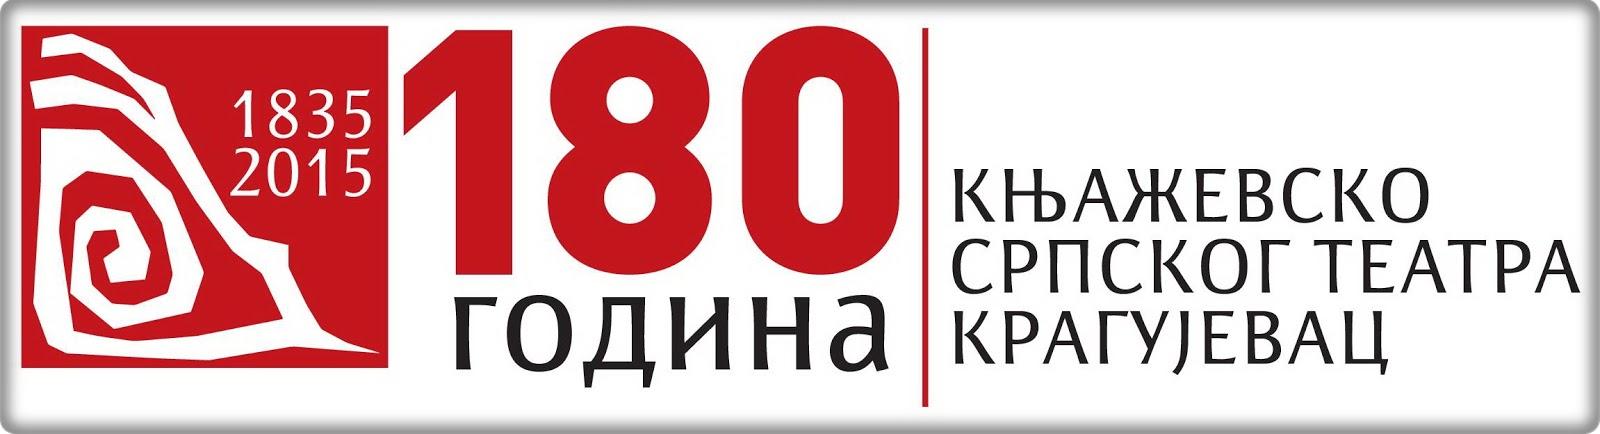 http://joakimvujic.com/